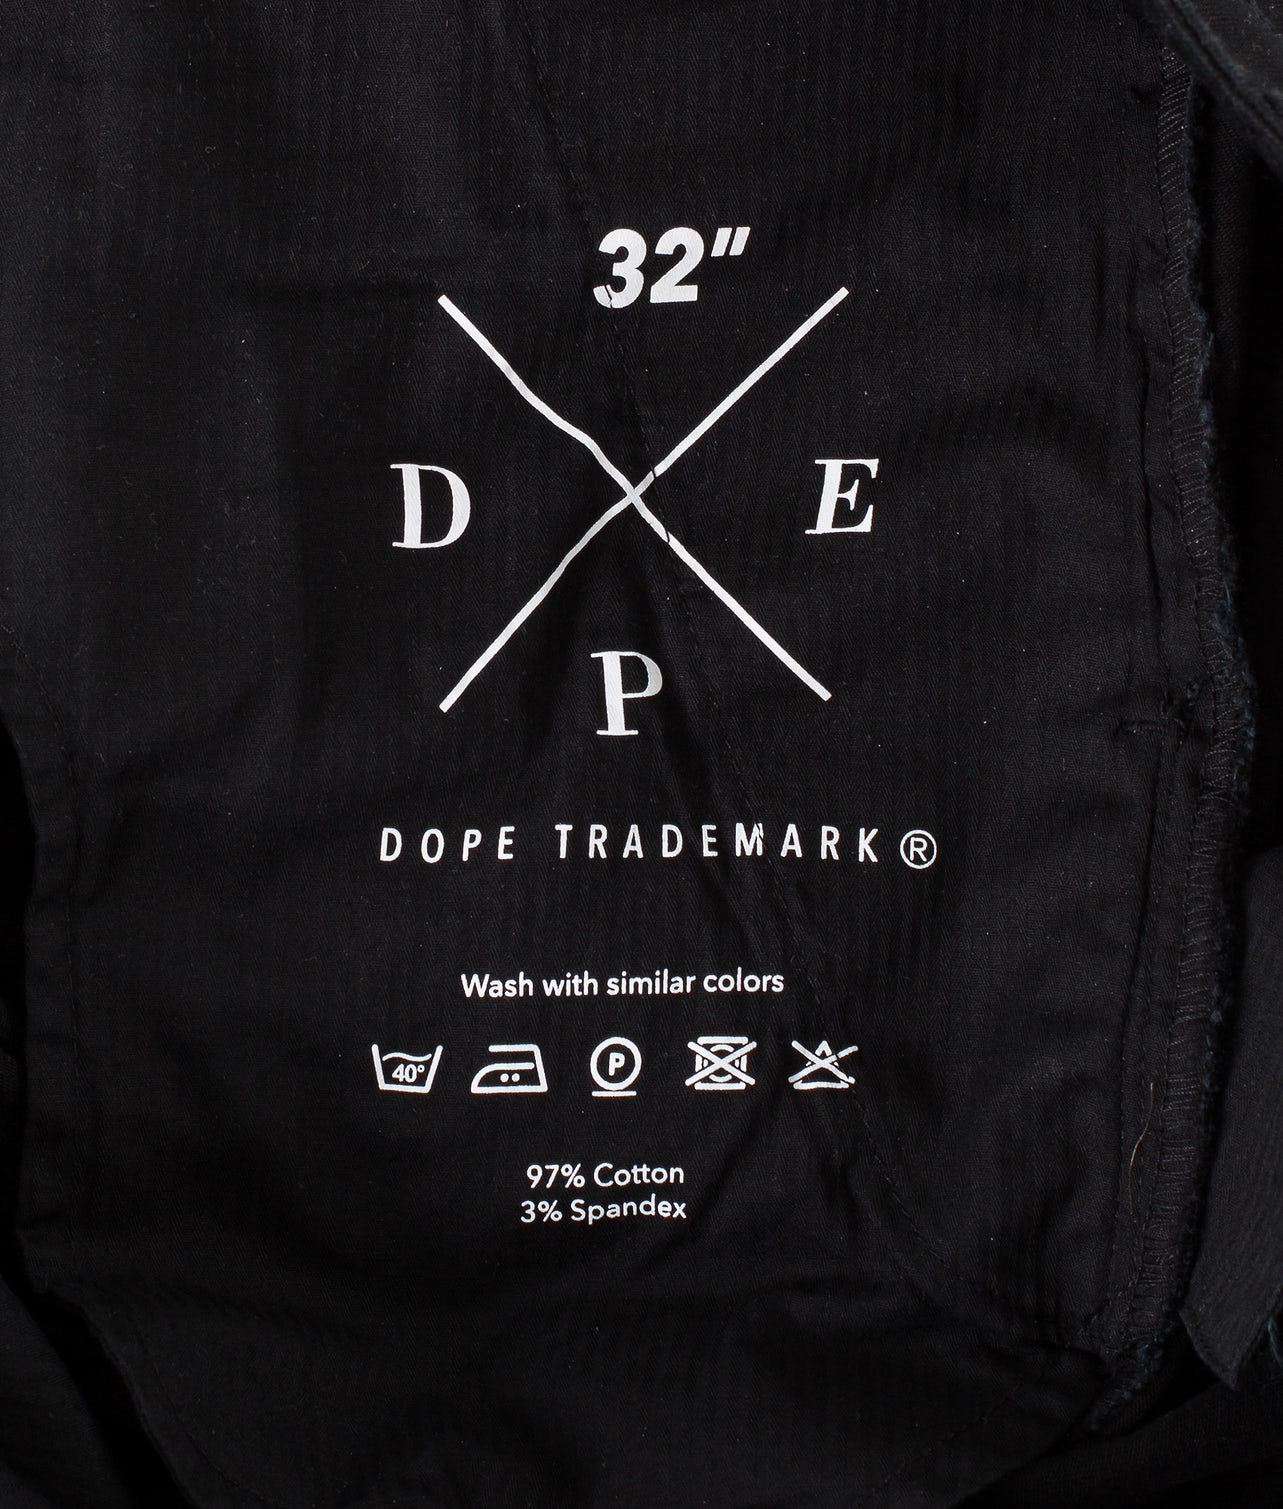 Kjøp Valdez Shorts fra Dope på Ridestore.no - Hos oss har du alltid fri frakt, fri retur og 30 dagers åpent kjøp!